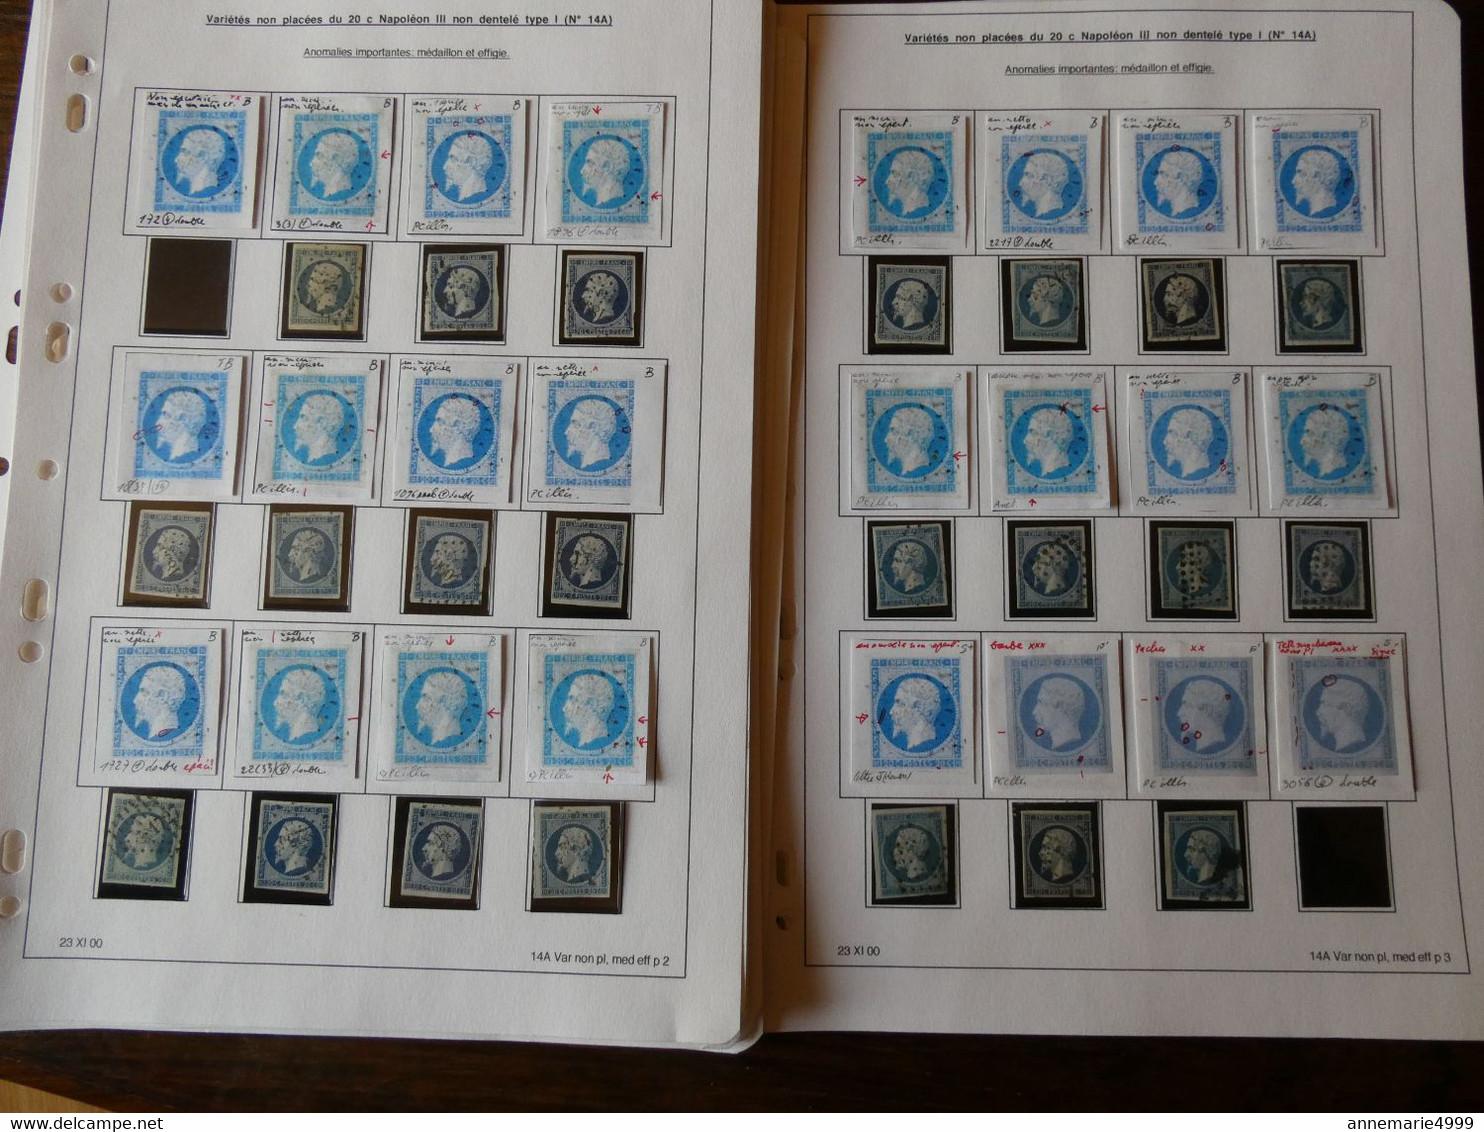 FRANCE ,plus De 300 Exemplaires Du N° 14 étudiés Par Un Spécialiste Qui A Relevé Les Anomalies - 1853-1860 Napoleon III